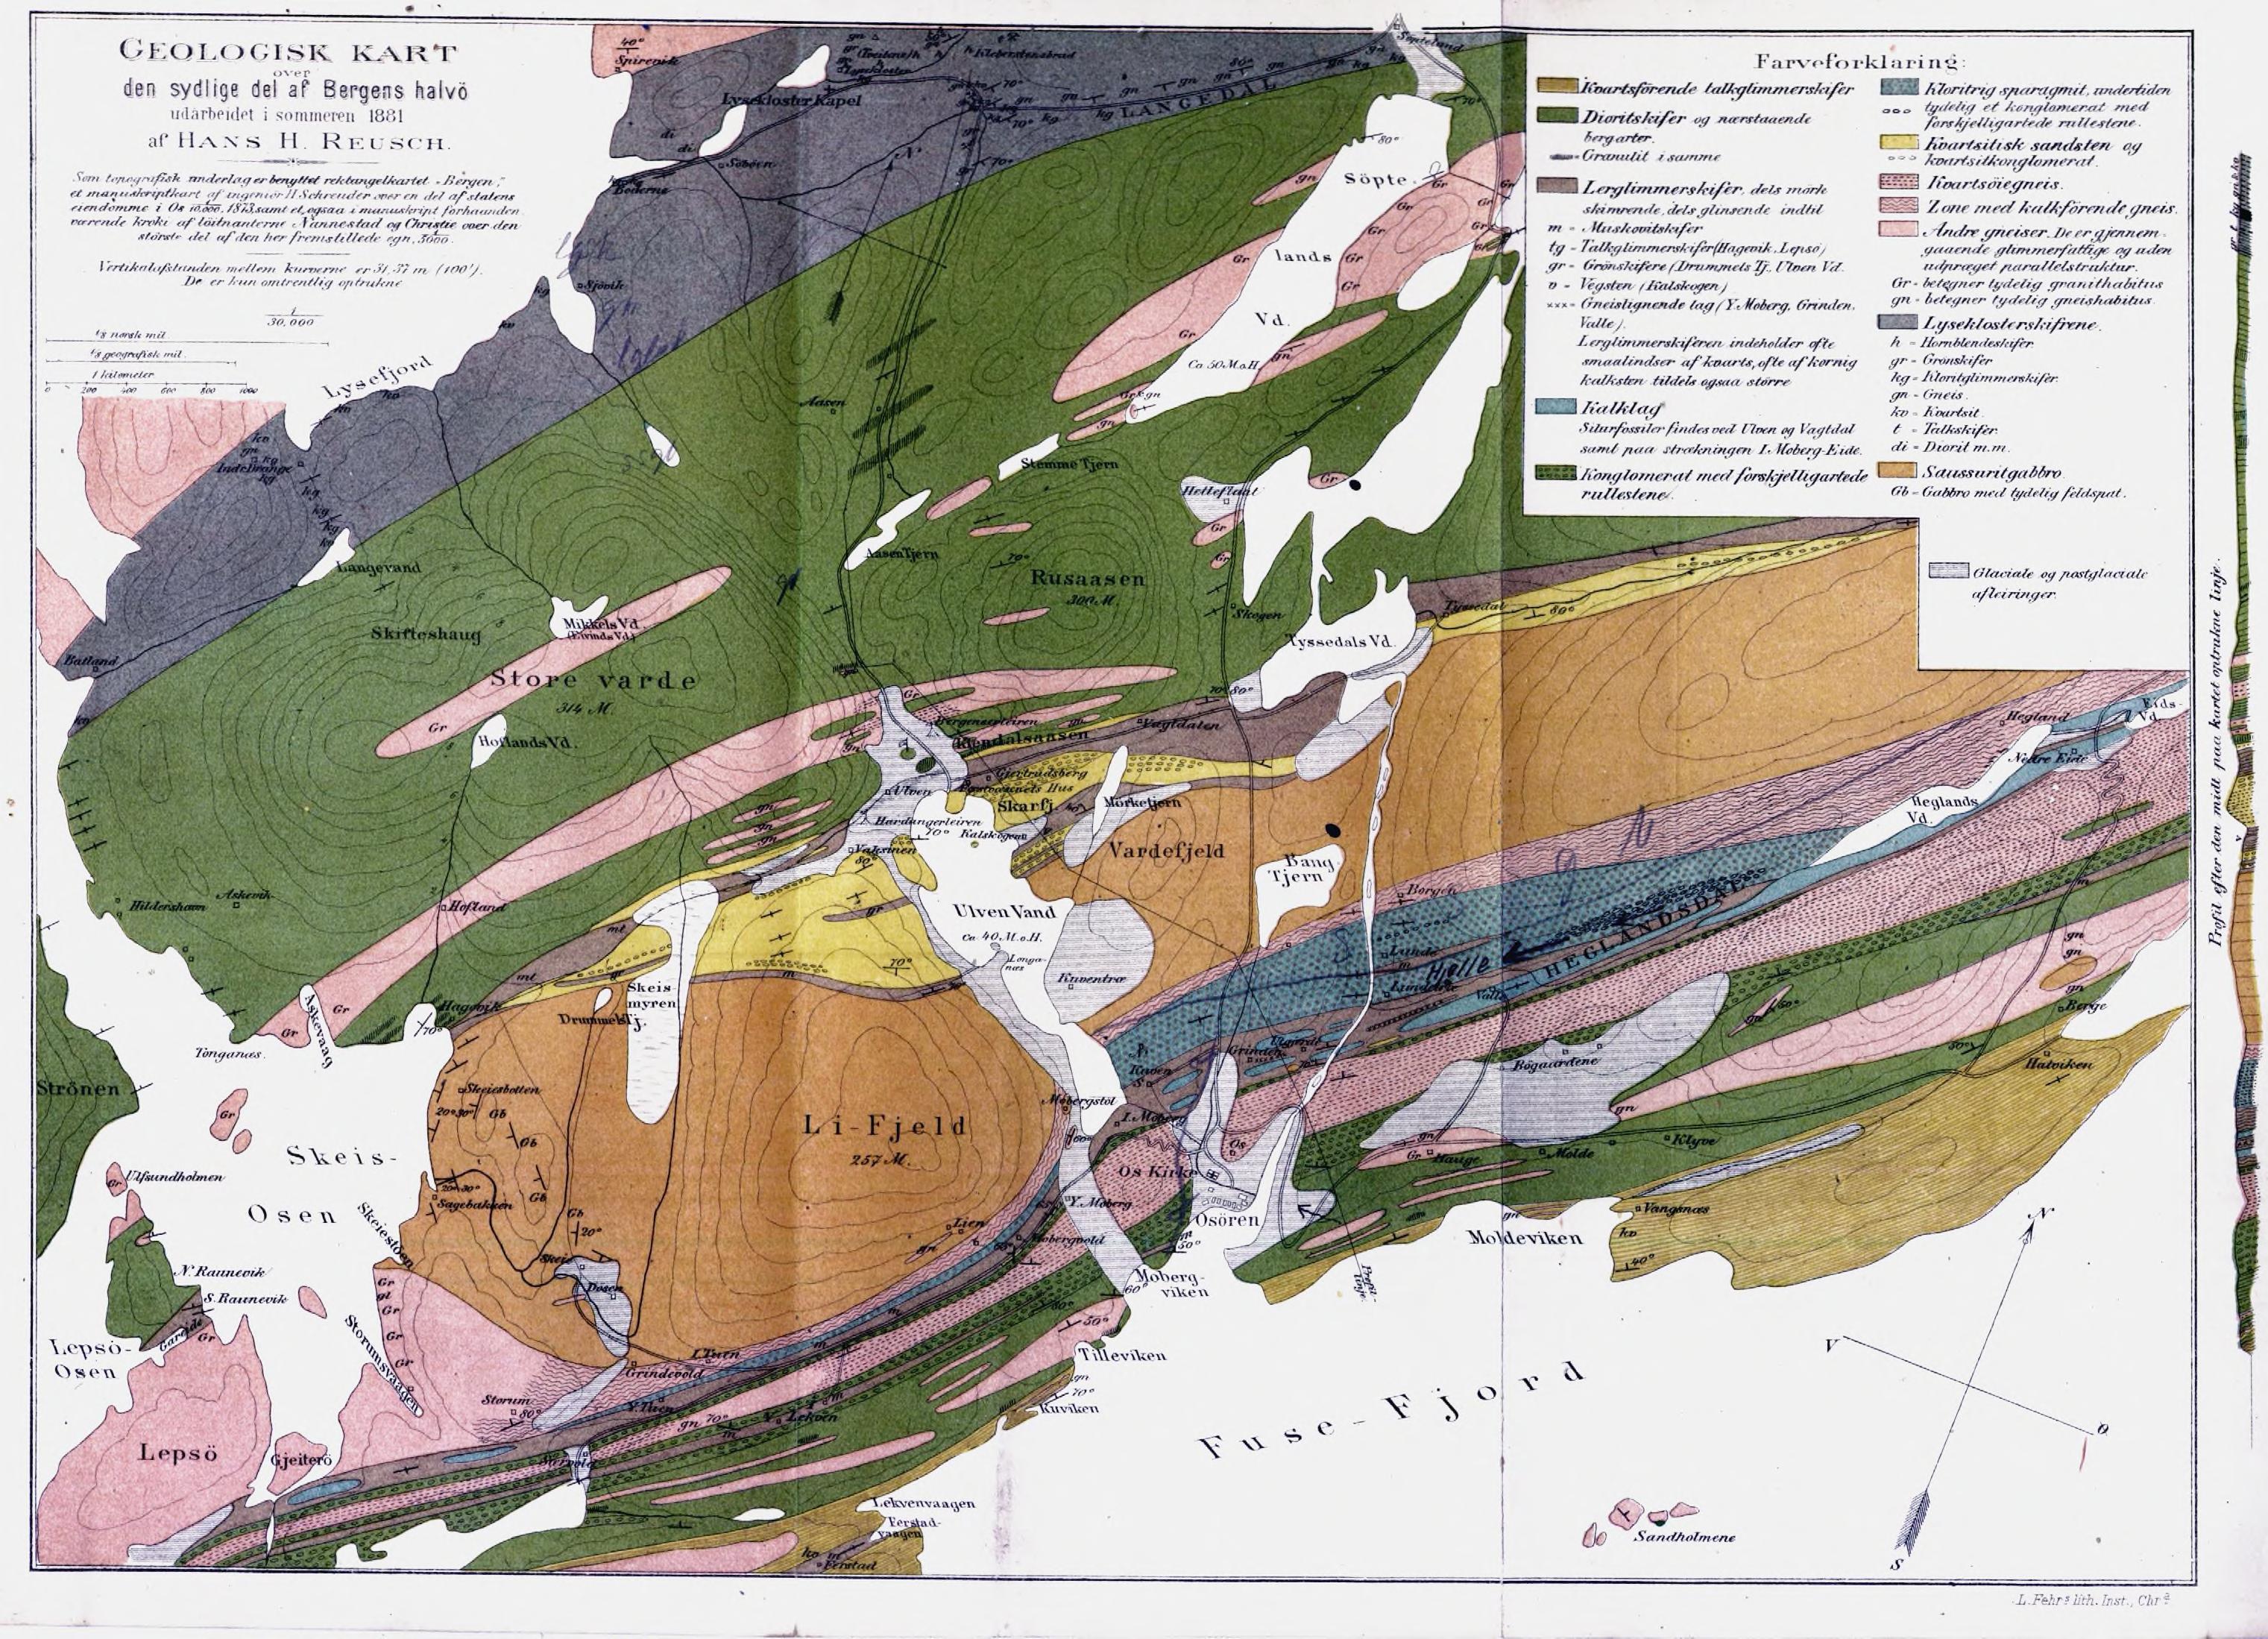 Veldig File:Geologisk kart over den sydlige del af Bergens halvø.jpg BV-91